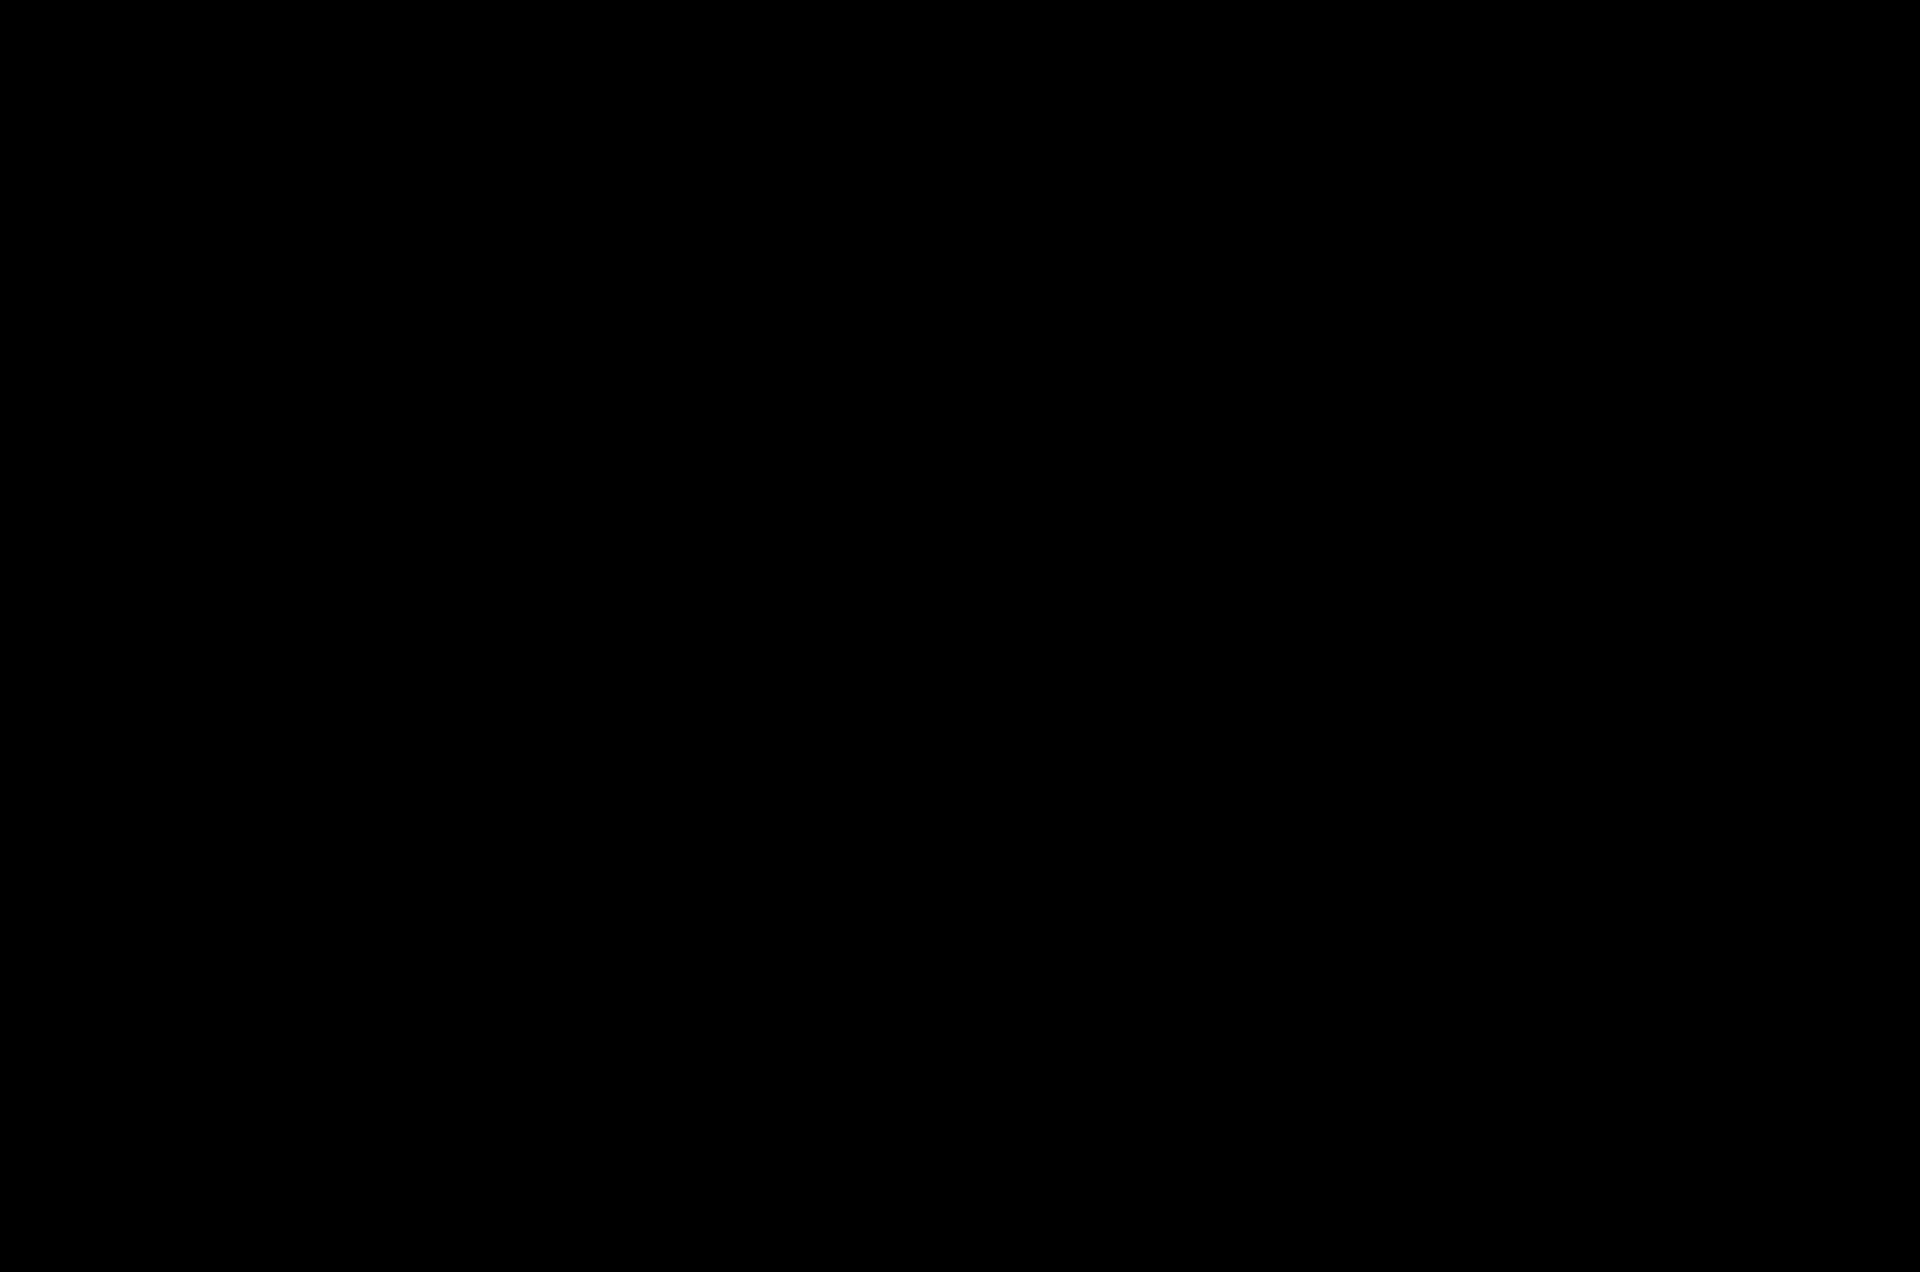 hlg_2975